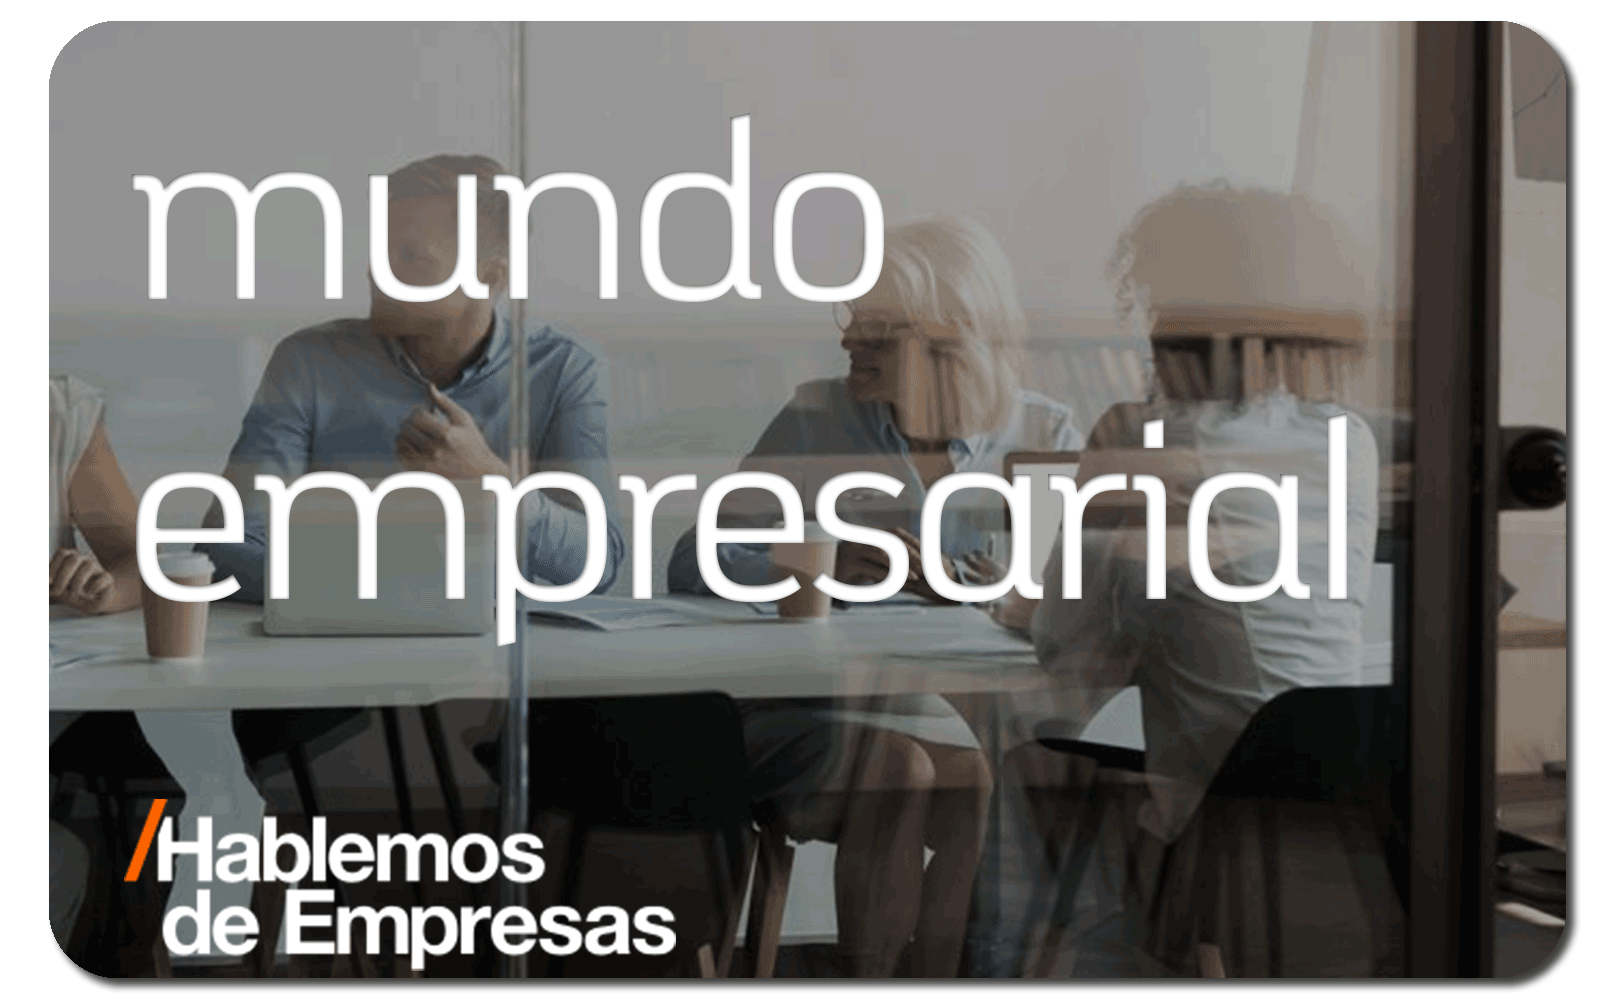 redaccion-profesional-articulos-economia-empresas-hablemos-de-empresasl